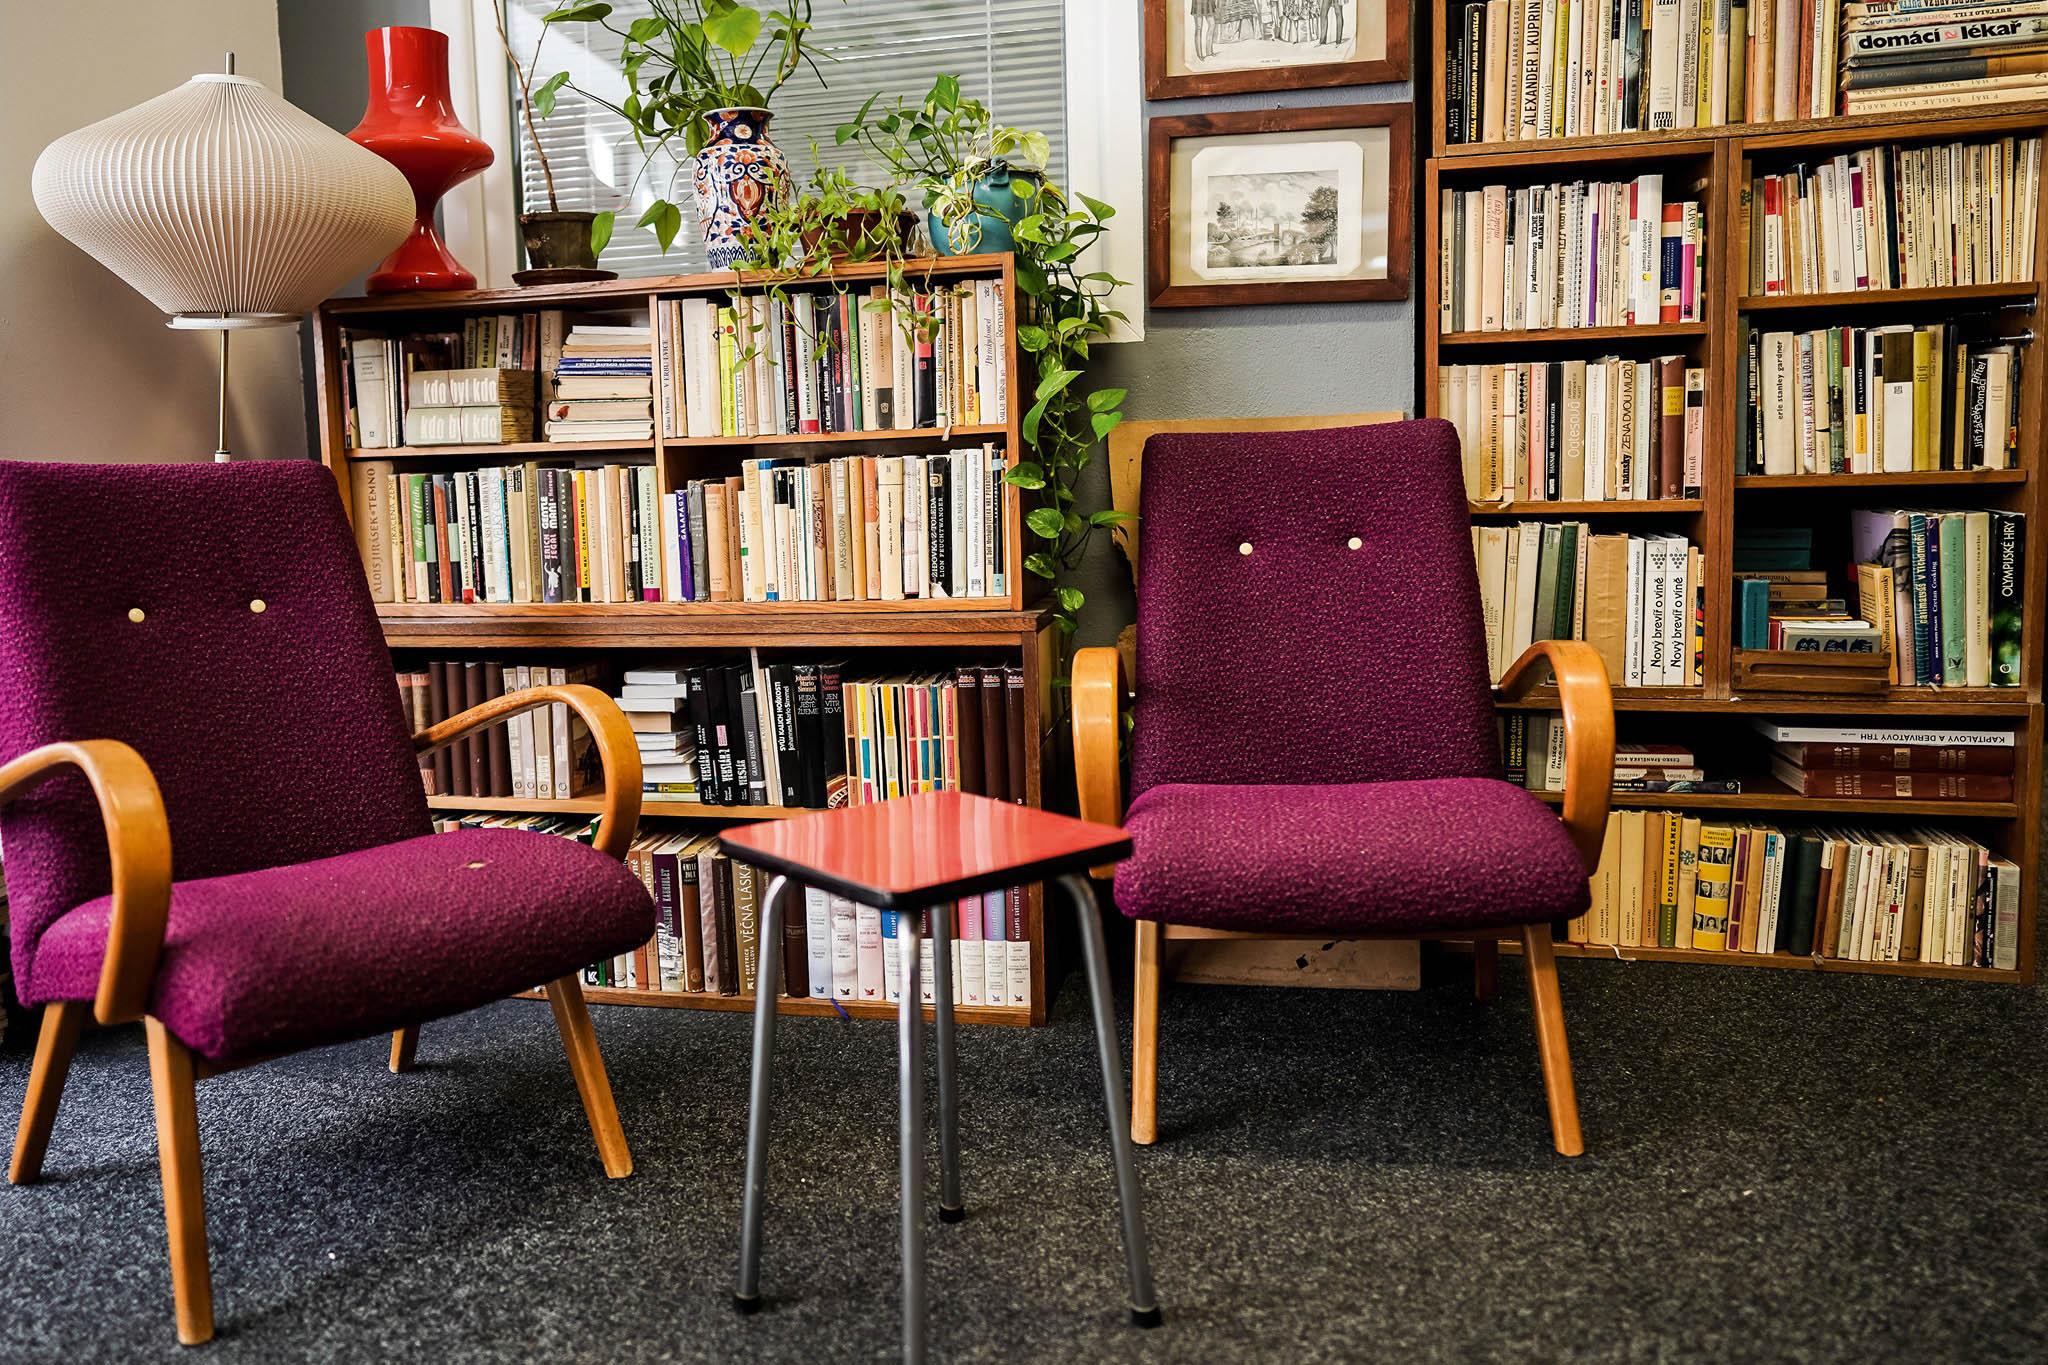 Parta Knihobot vytvořila moderní e-shop pro knihy zdruhé ruky. Díky automatizaci avlastním programátorům už prodali přes 100 tisíc knih.